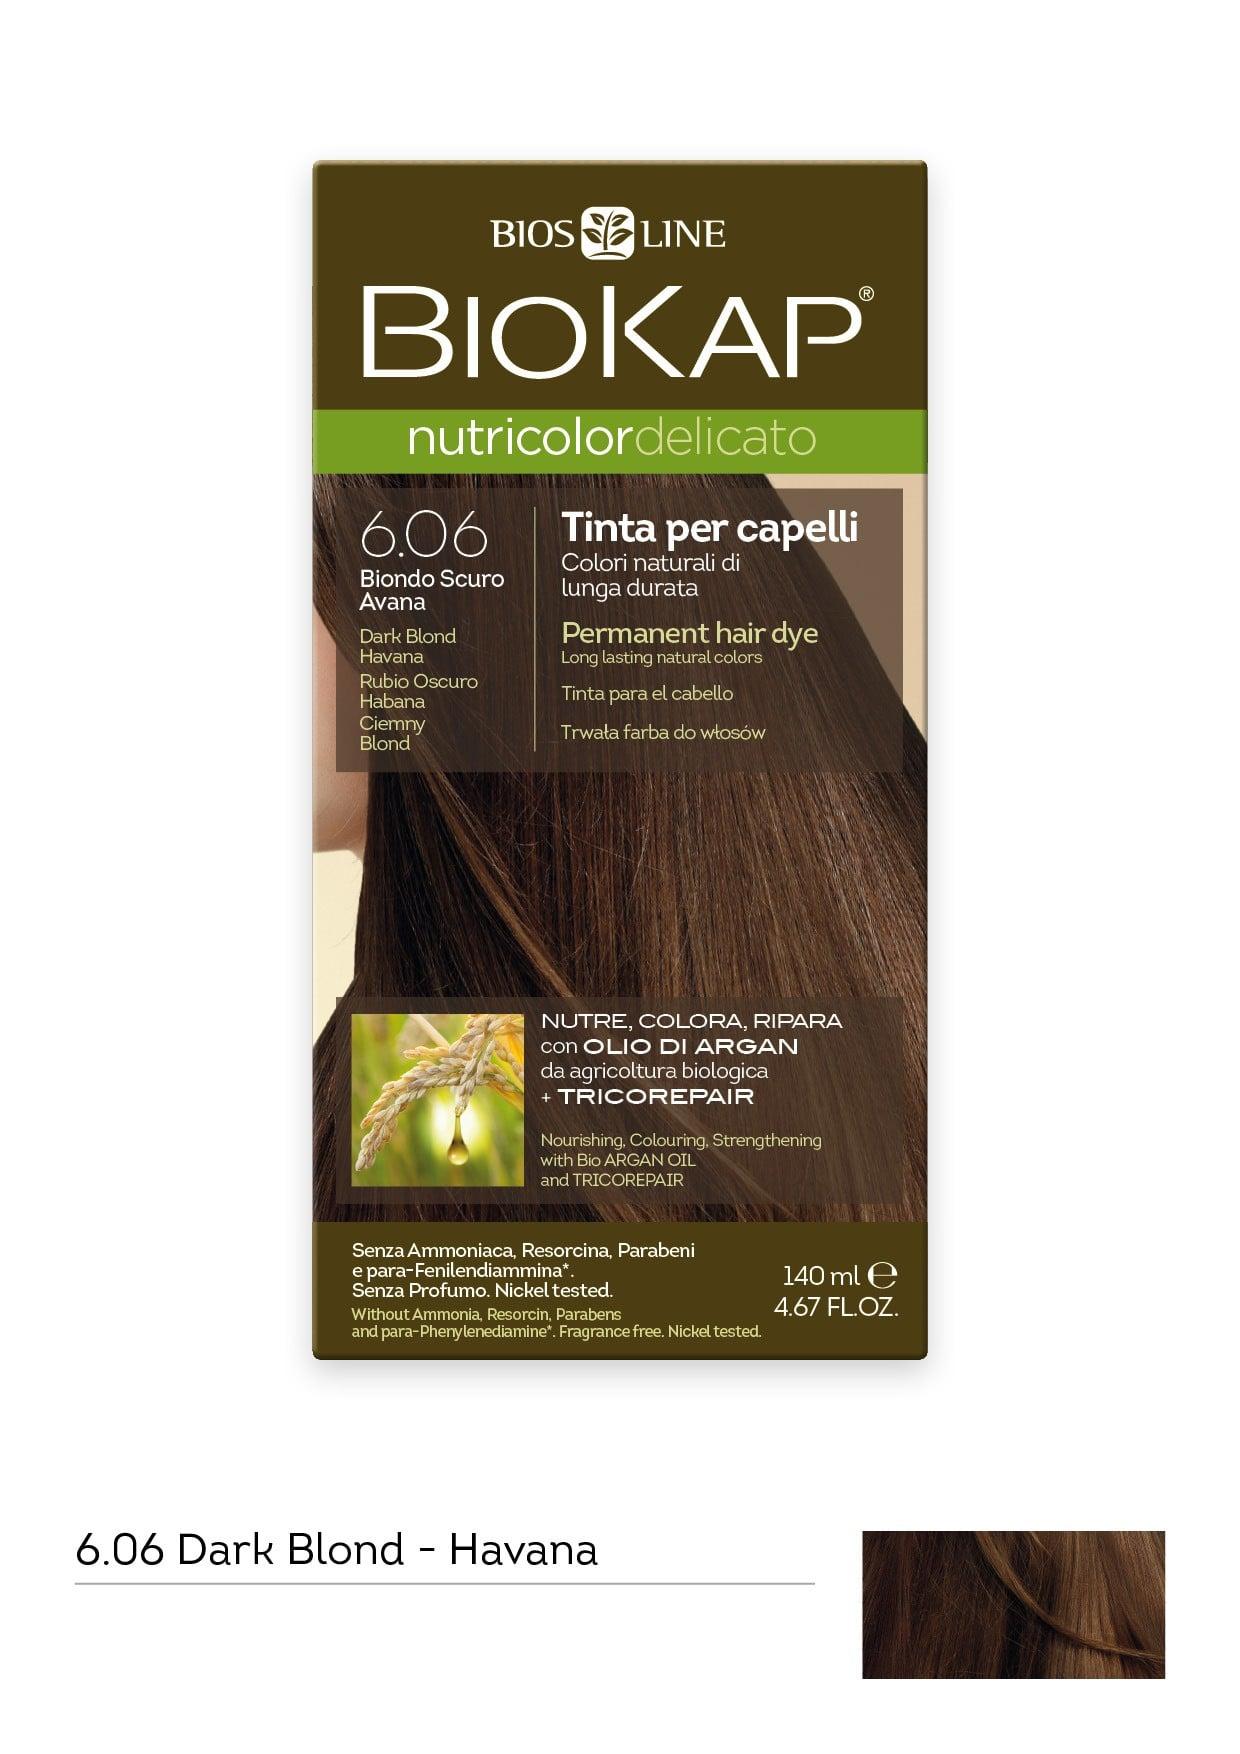 Biokap Nutricolor Delicato No 6.06 Dark Blond Havana Βαφή Μαλλιών, 140ml